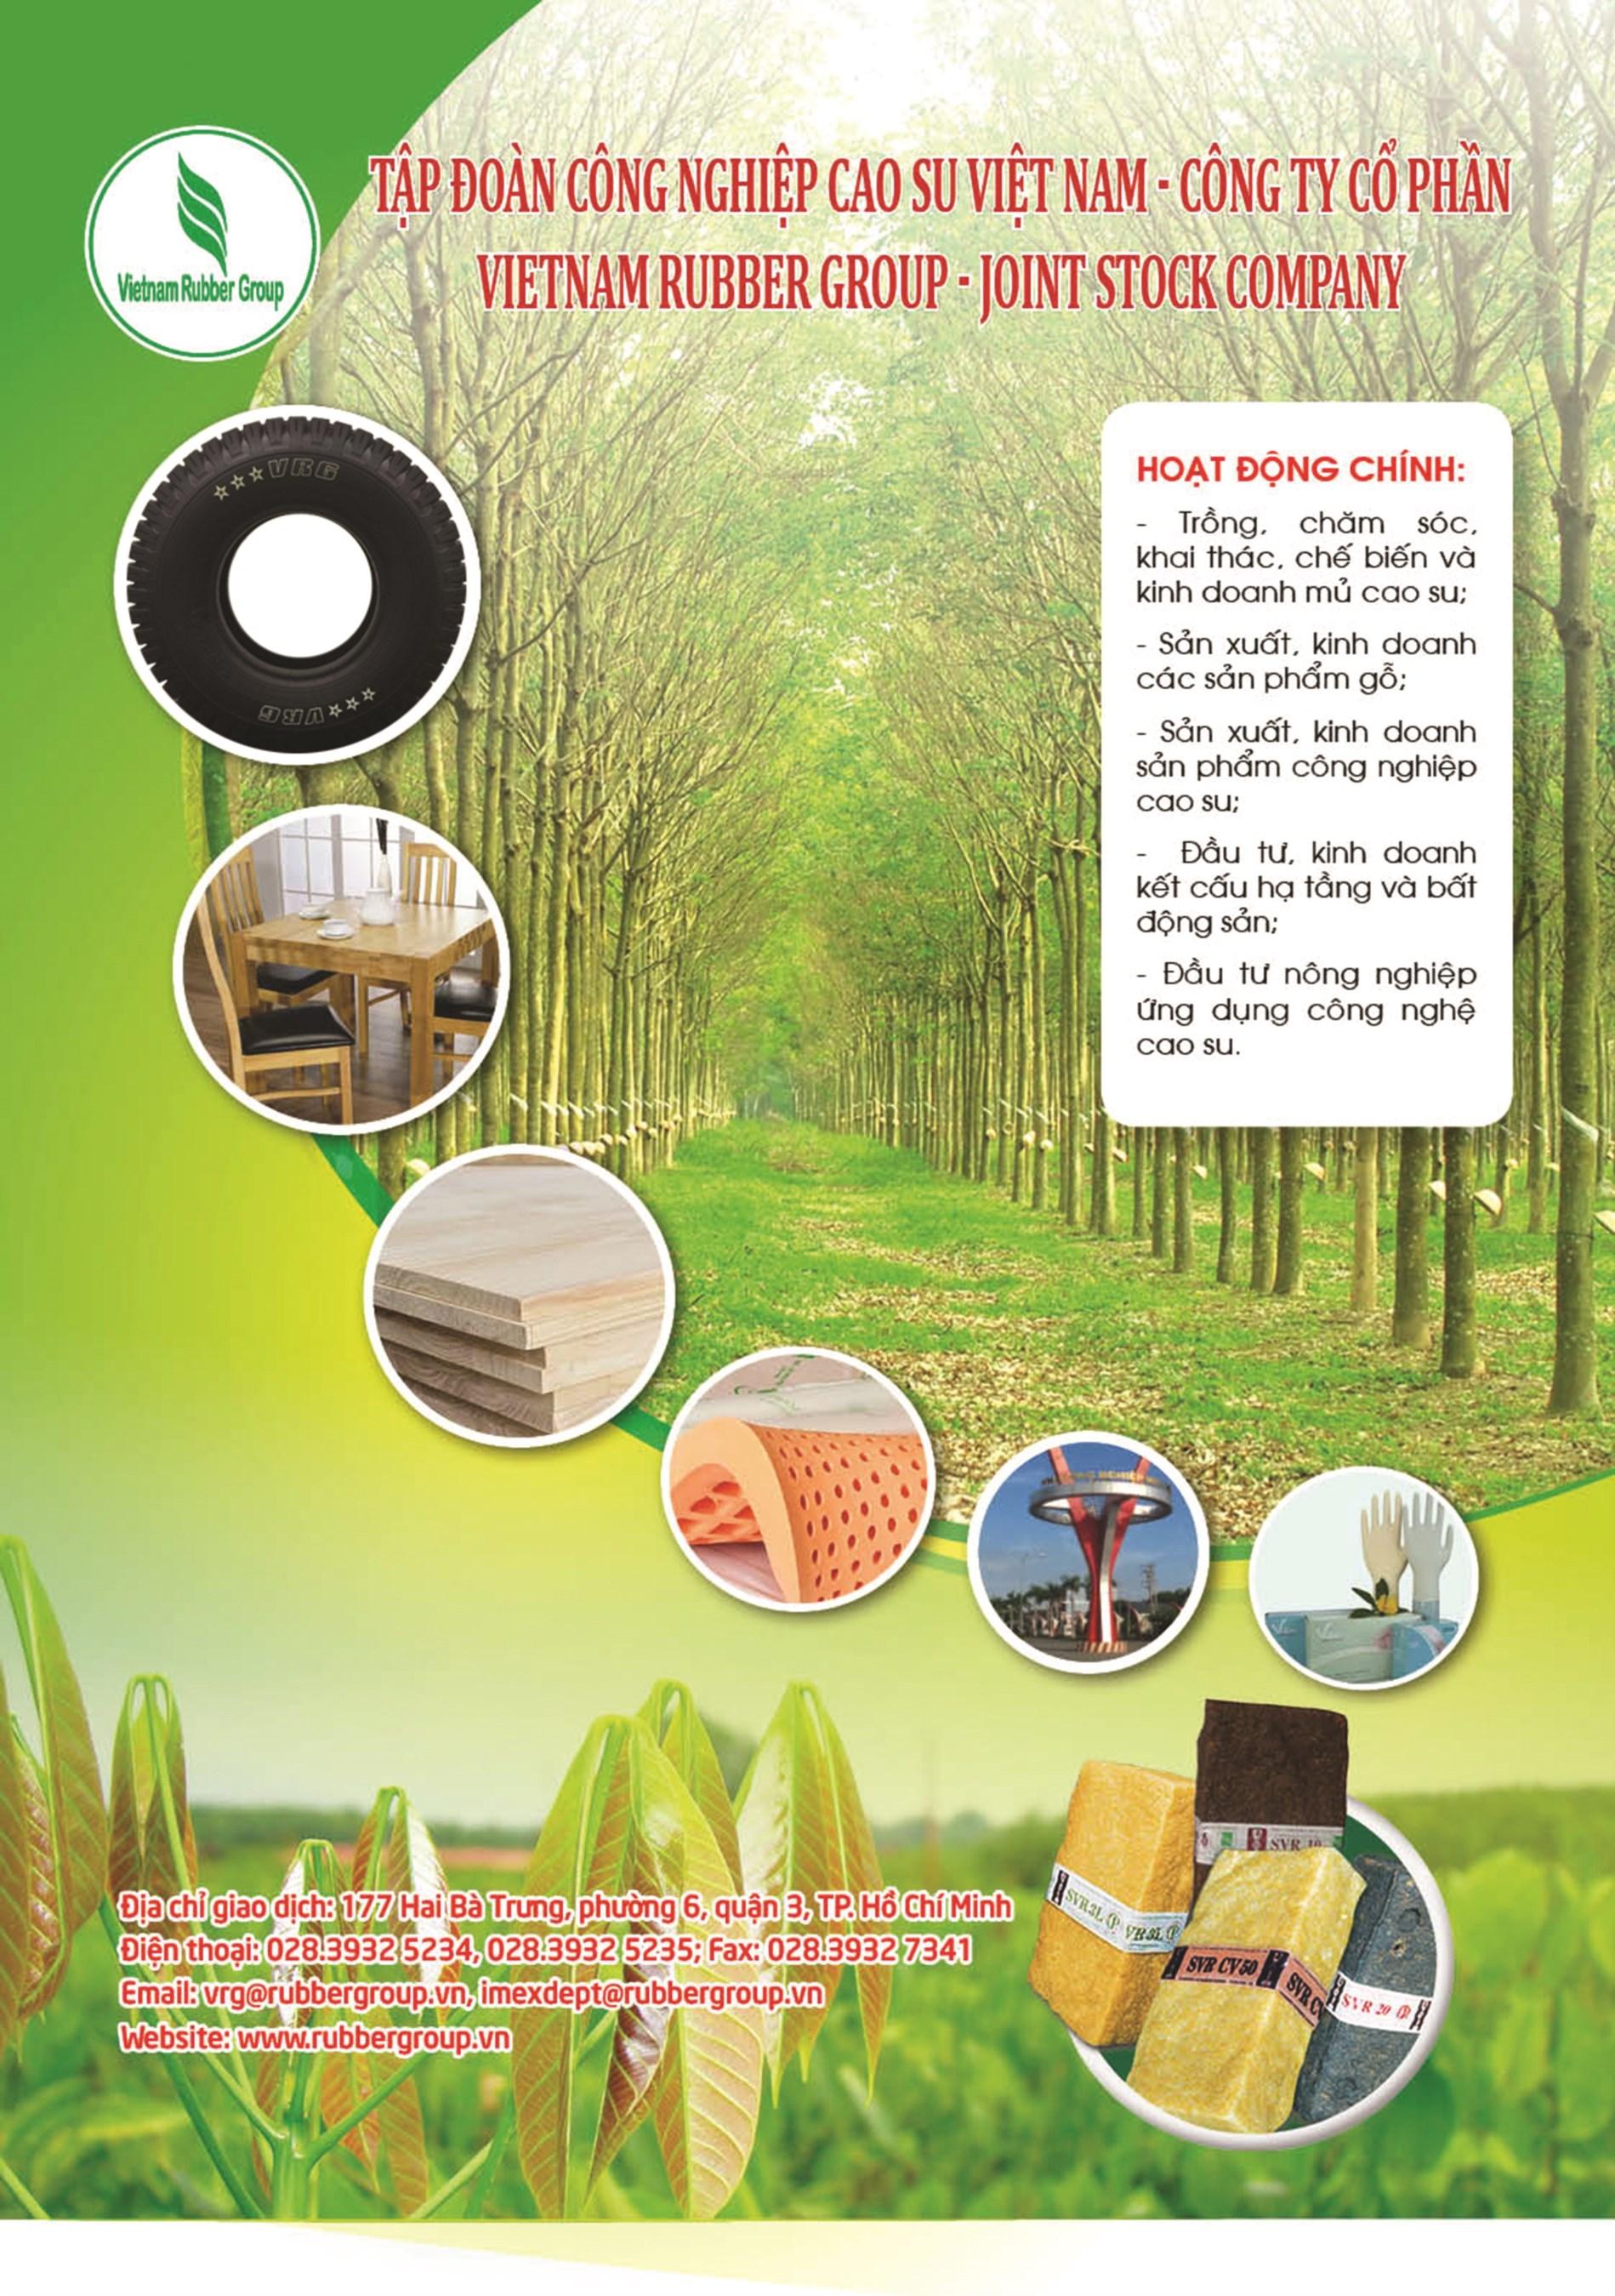 Tập đoàn công nghiệp cao su Việt Nam - Công ty cổ phần VietNam Rubber Group-Joint Stock Company